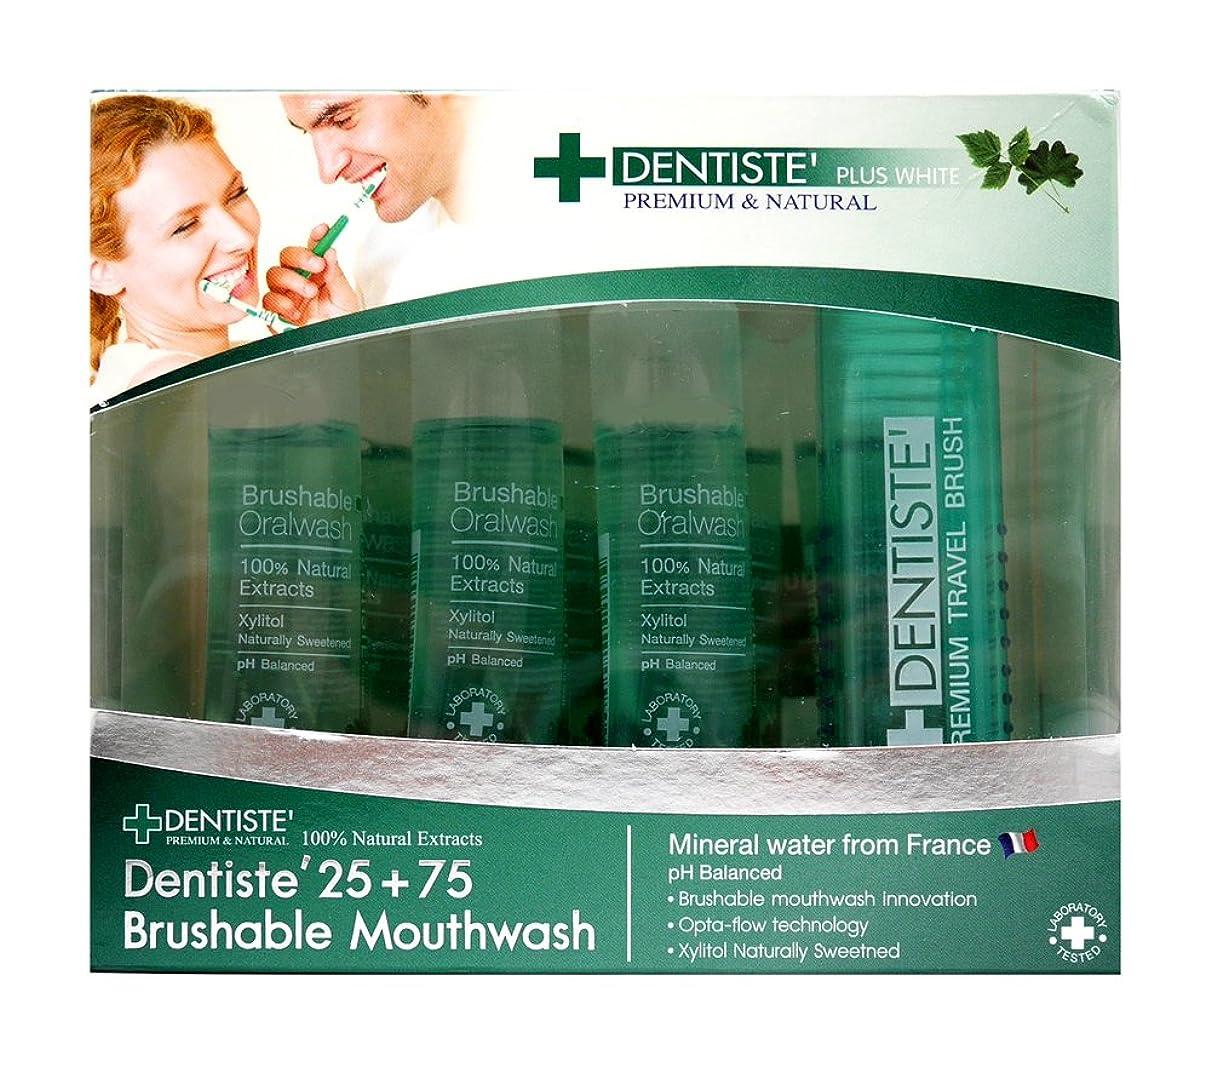 やむを得ないズームトラブル(デンティス)DENTISTE 液体歯磨き粉 12ml x 7本 収納式歯ブラシ付